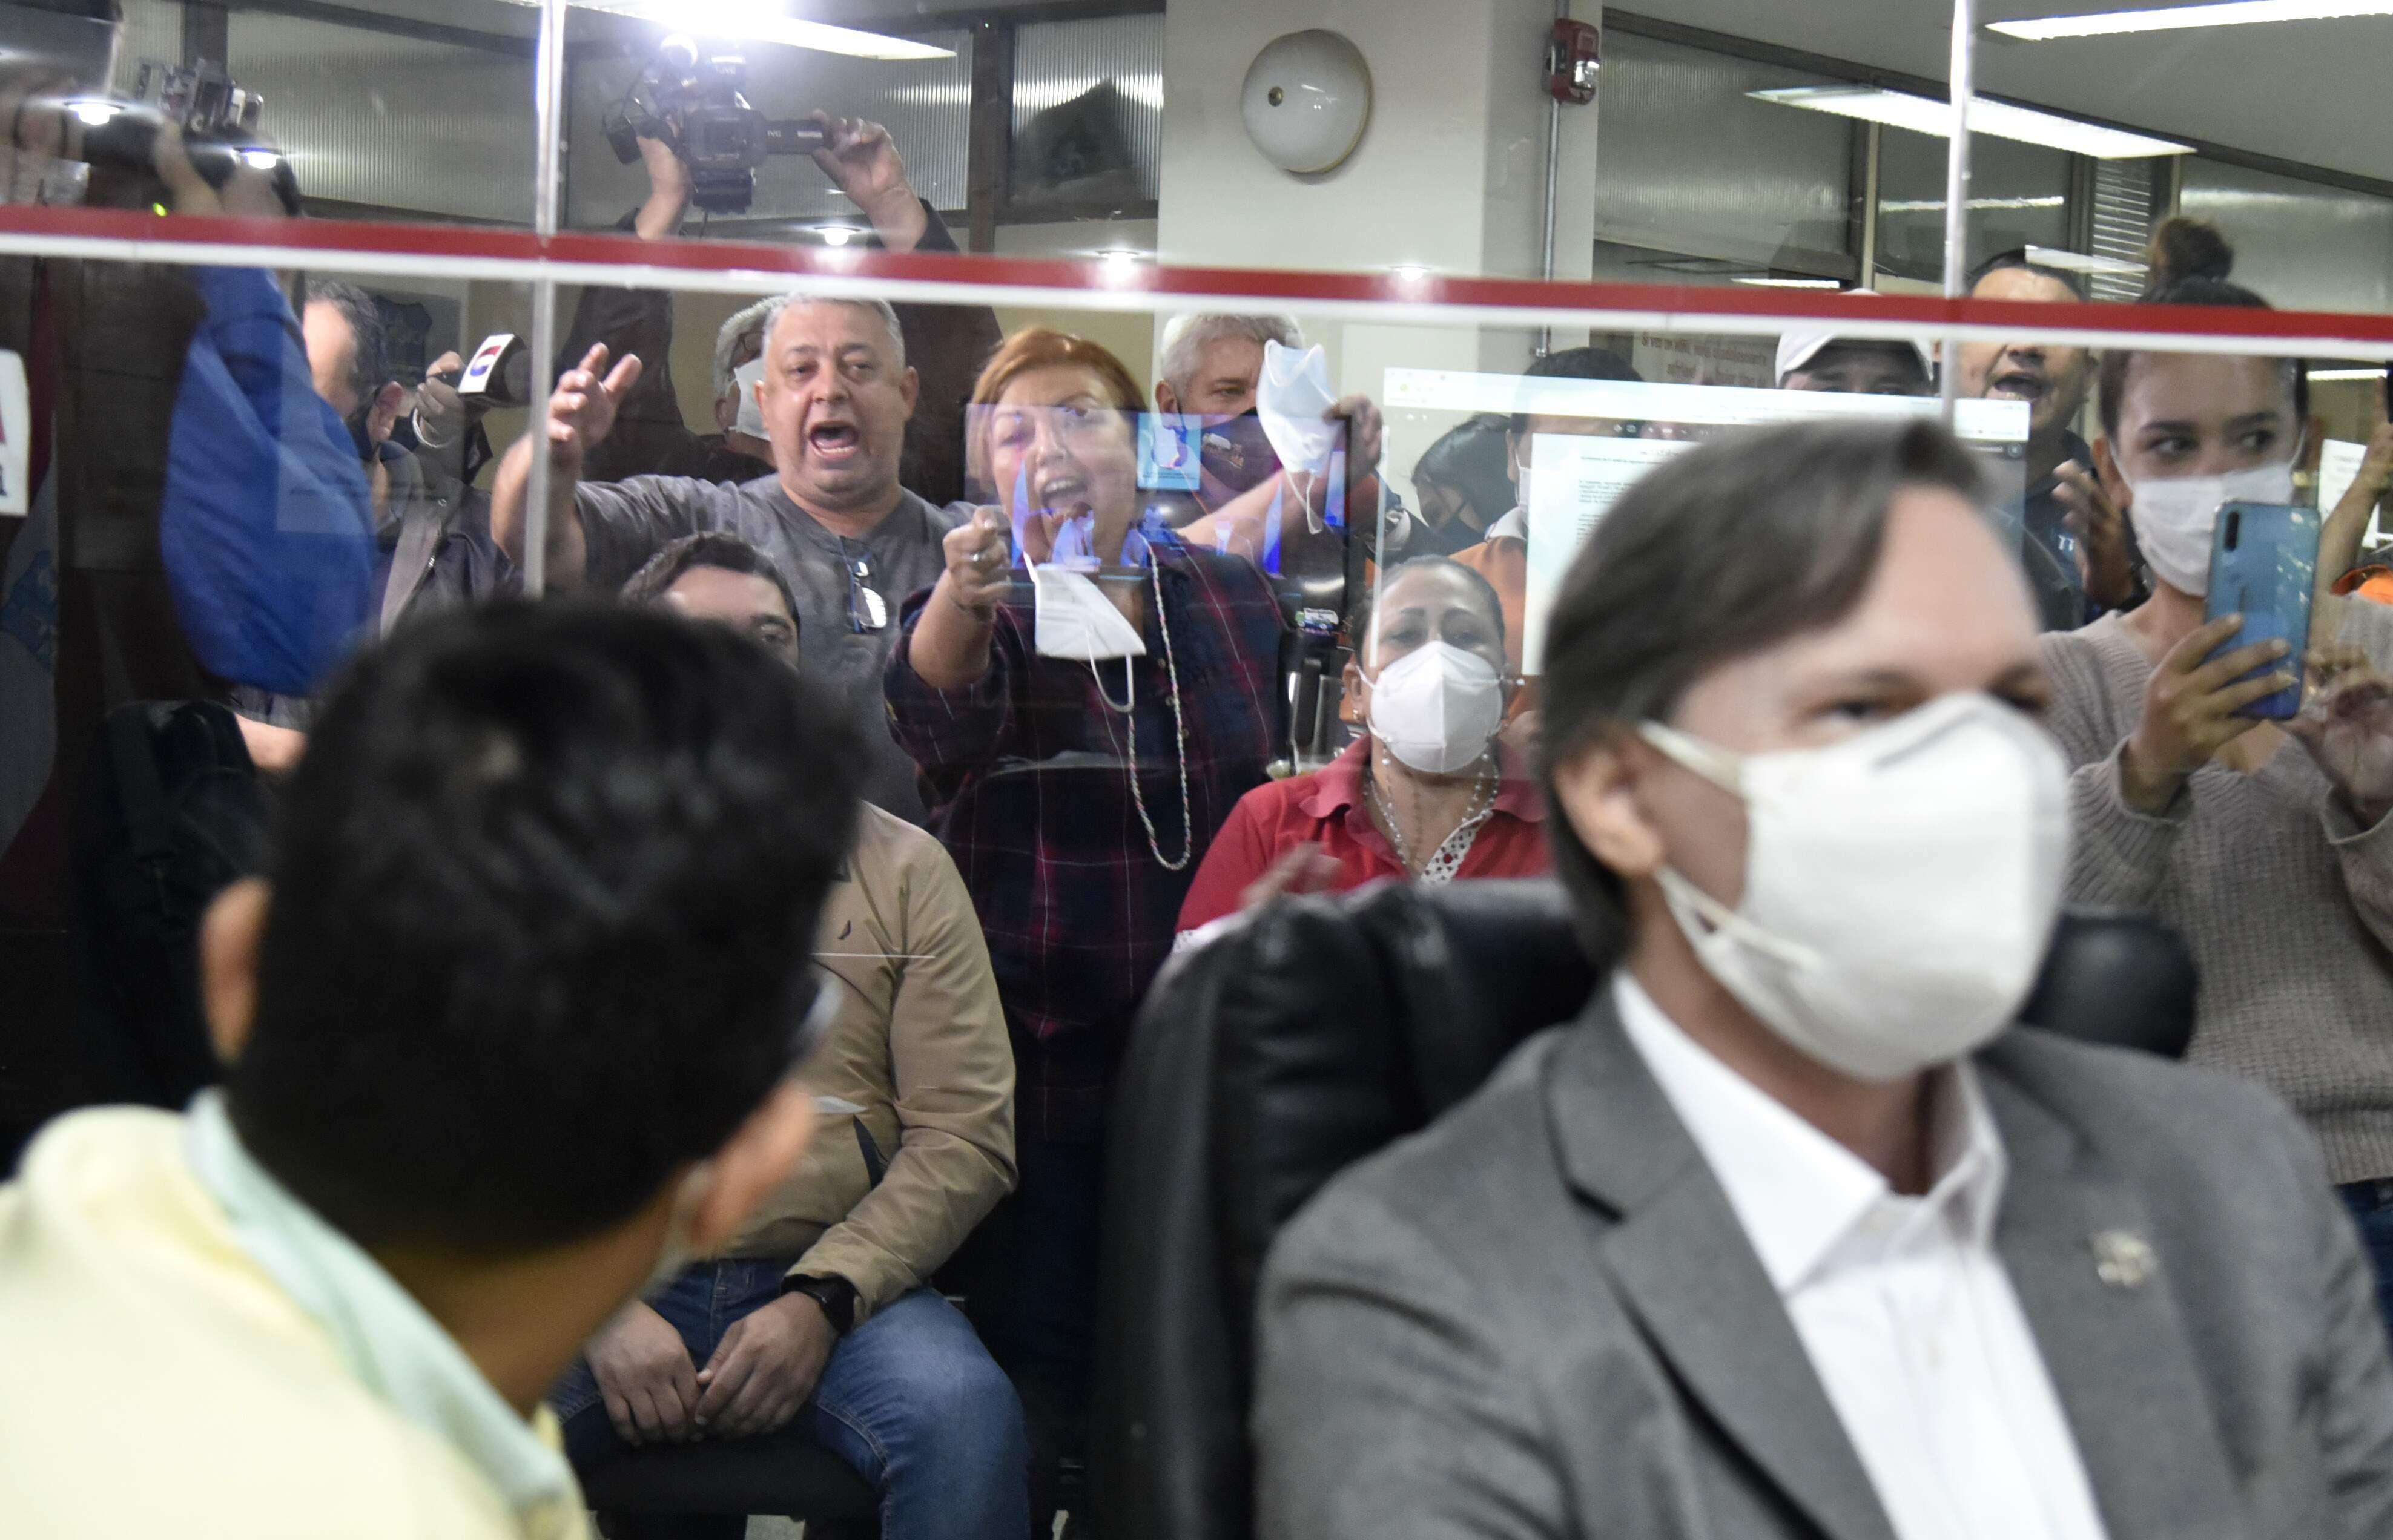 Funcionarios decidieron gritar y agredir a concejales. En la foto, el concejal Federico Franco los ignora y Rodrigo Buongermini los observa, ambos del movimiento Juntos Podemos.